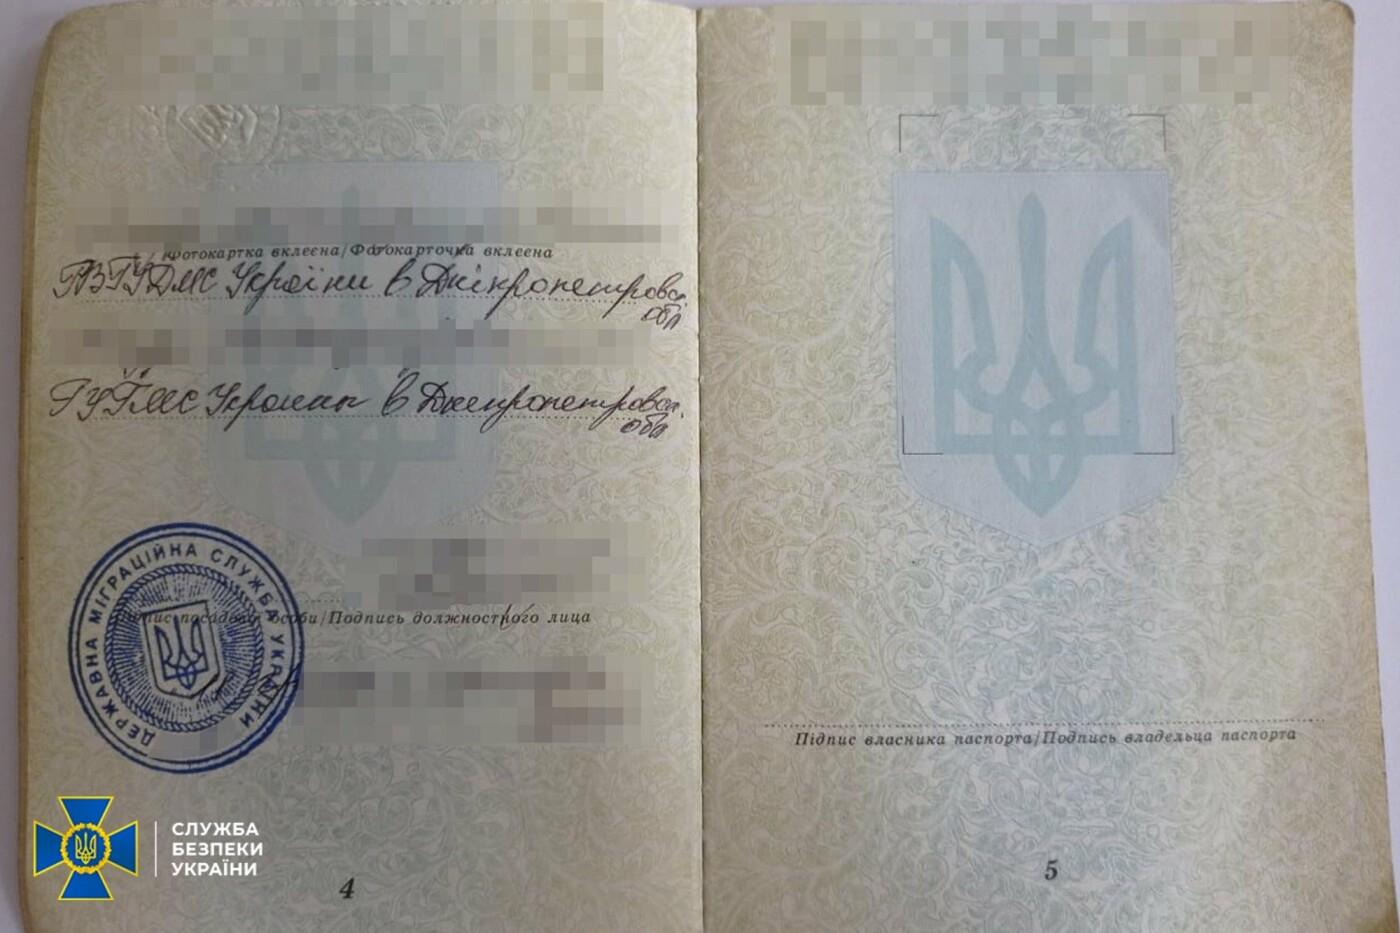 В Днепре организовали схему легализации террористов из ОРДЛО, - ФОТО, фото-1